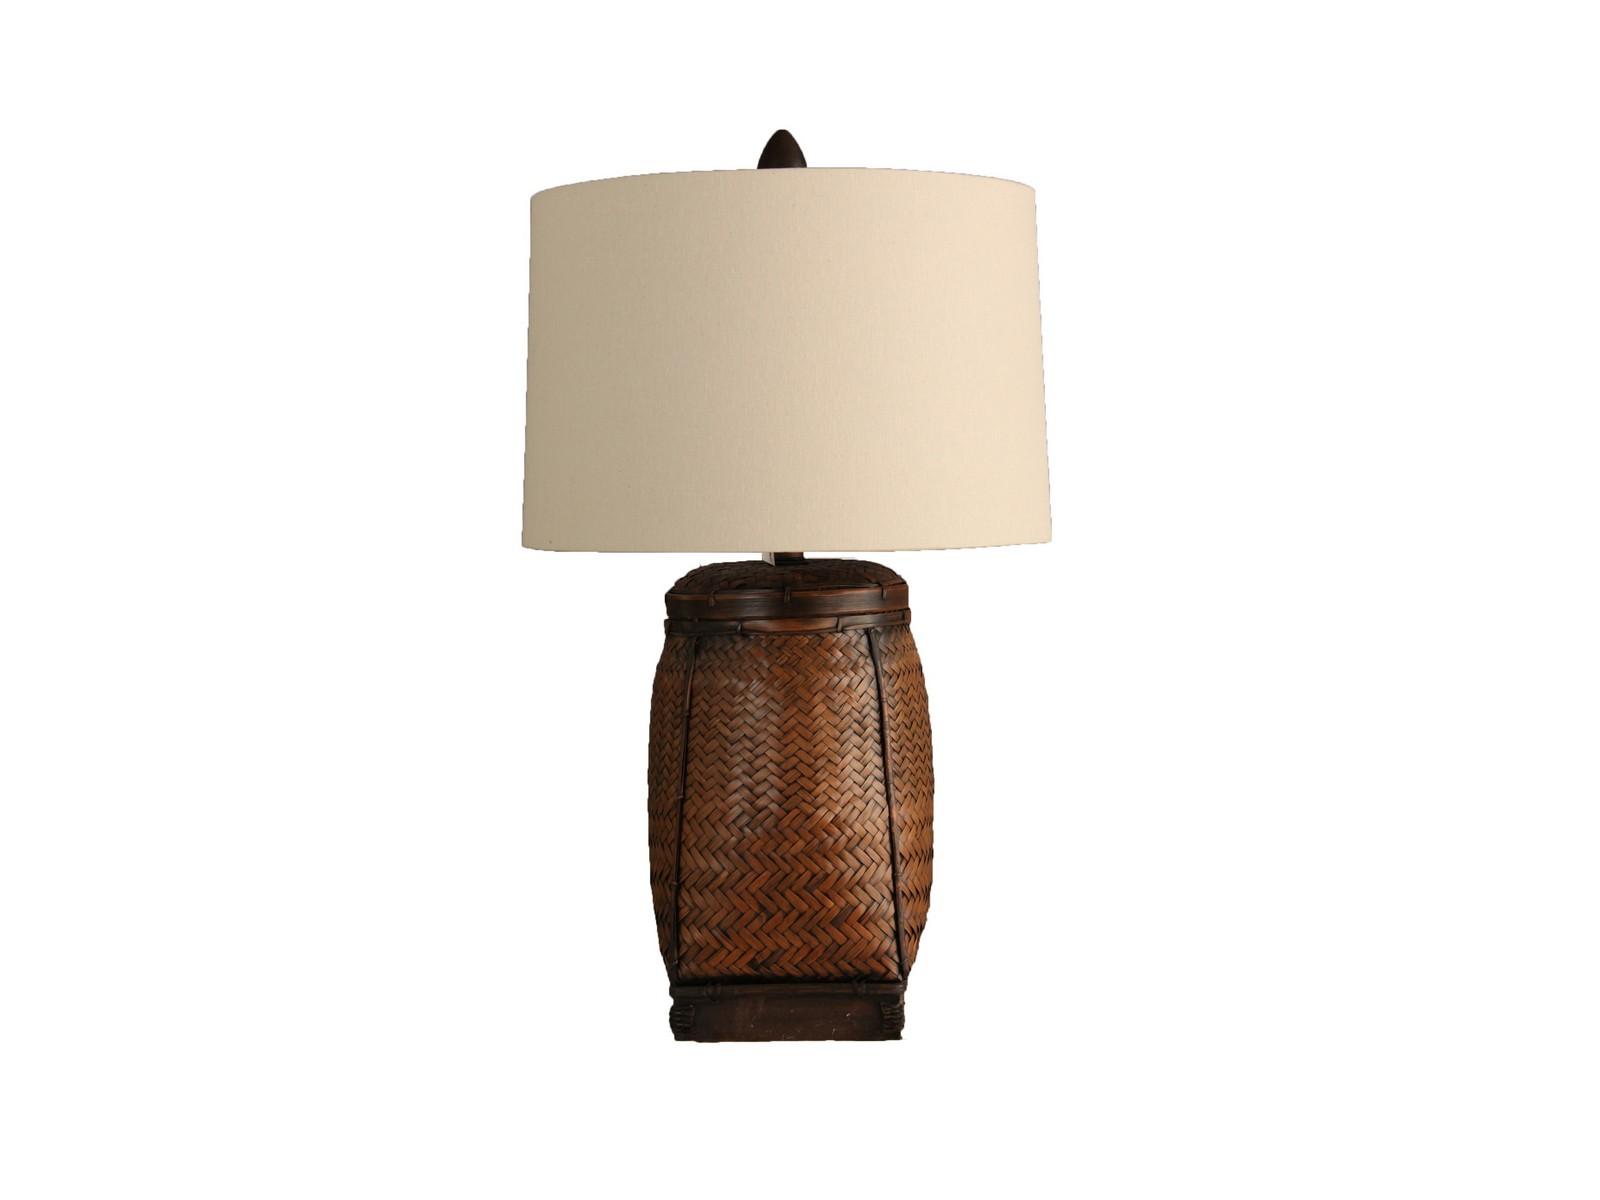 Настольная лампа ManaДекоративные лампы<br>&amp;lt;div&amp;gt;Вид цоколя: Е27&amp;lt;/div&amp;gt;&amp;lt;div&amp;gt;Мощность лампы: 60W&amp;lt;/div&amp;gt;&amp;lt;div&amp;gt;Количество ламп: 1&amp;lt;/div&amp;gt;&amp;lt;div&amp;gt;Наличие ламп: нет&amp;lt;/div&amp;gt;<br><br>Material: Дерево<br>Height см: 77,5<br>Diameter см: 43